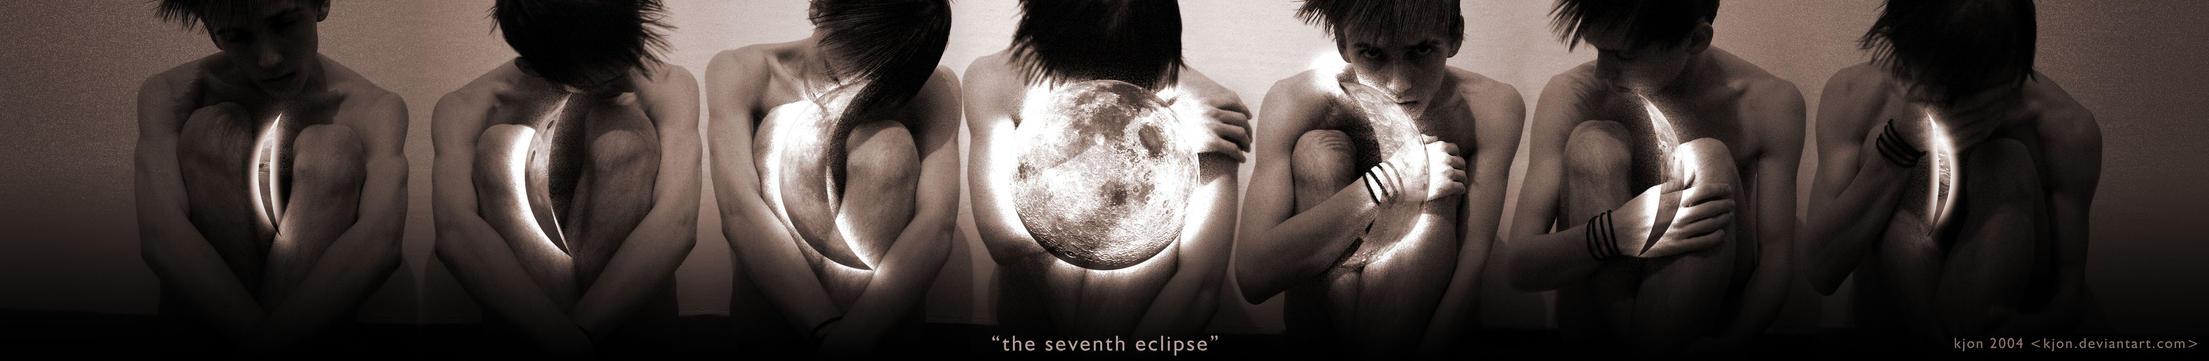 the seventh eclipse by kjon